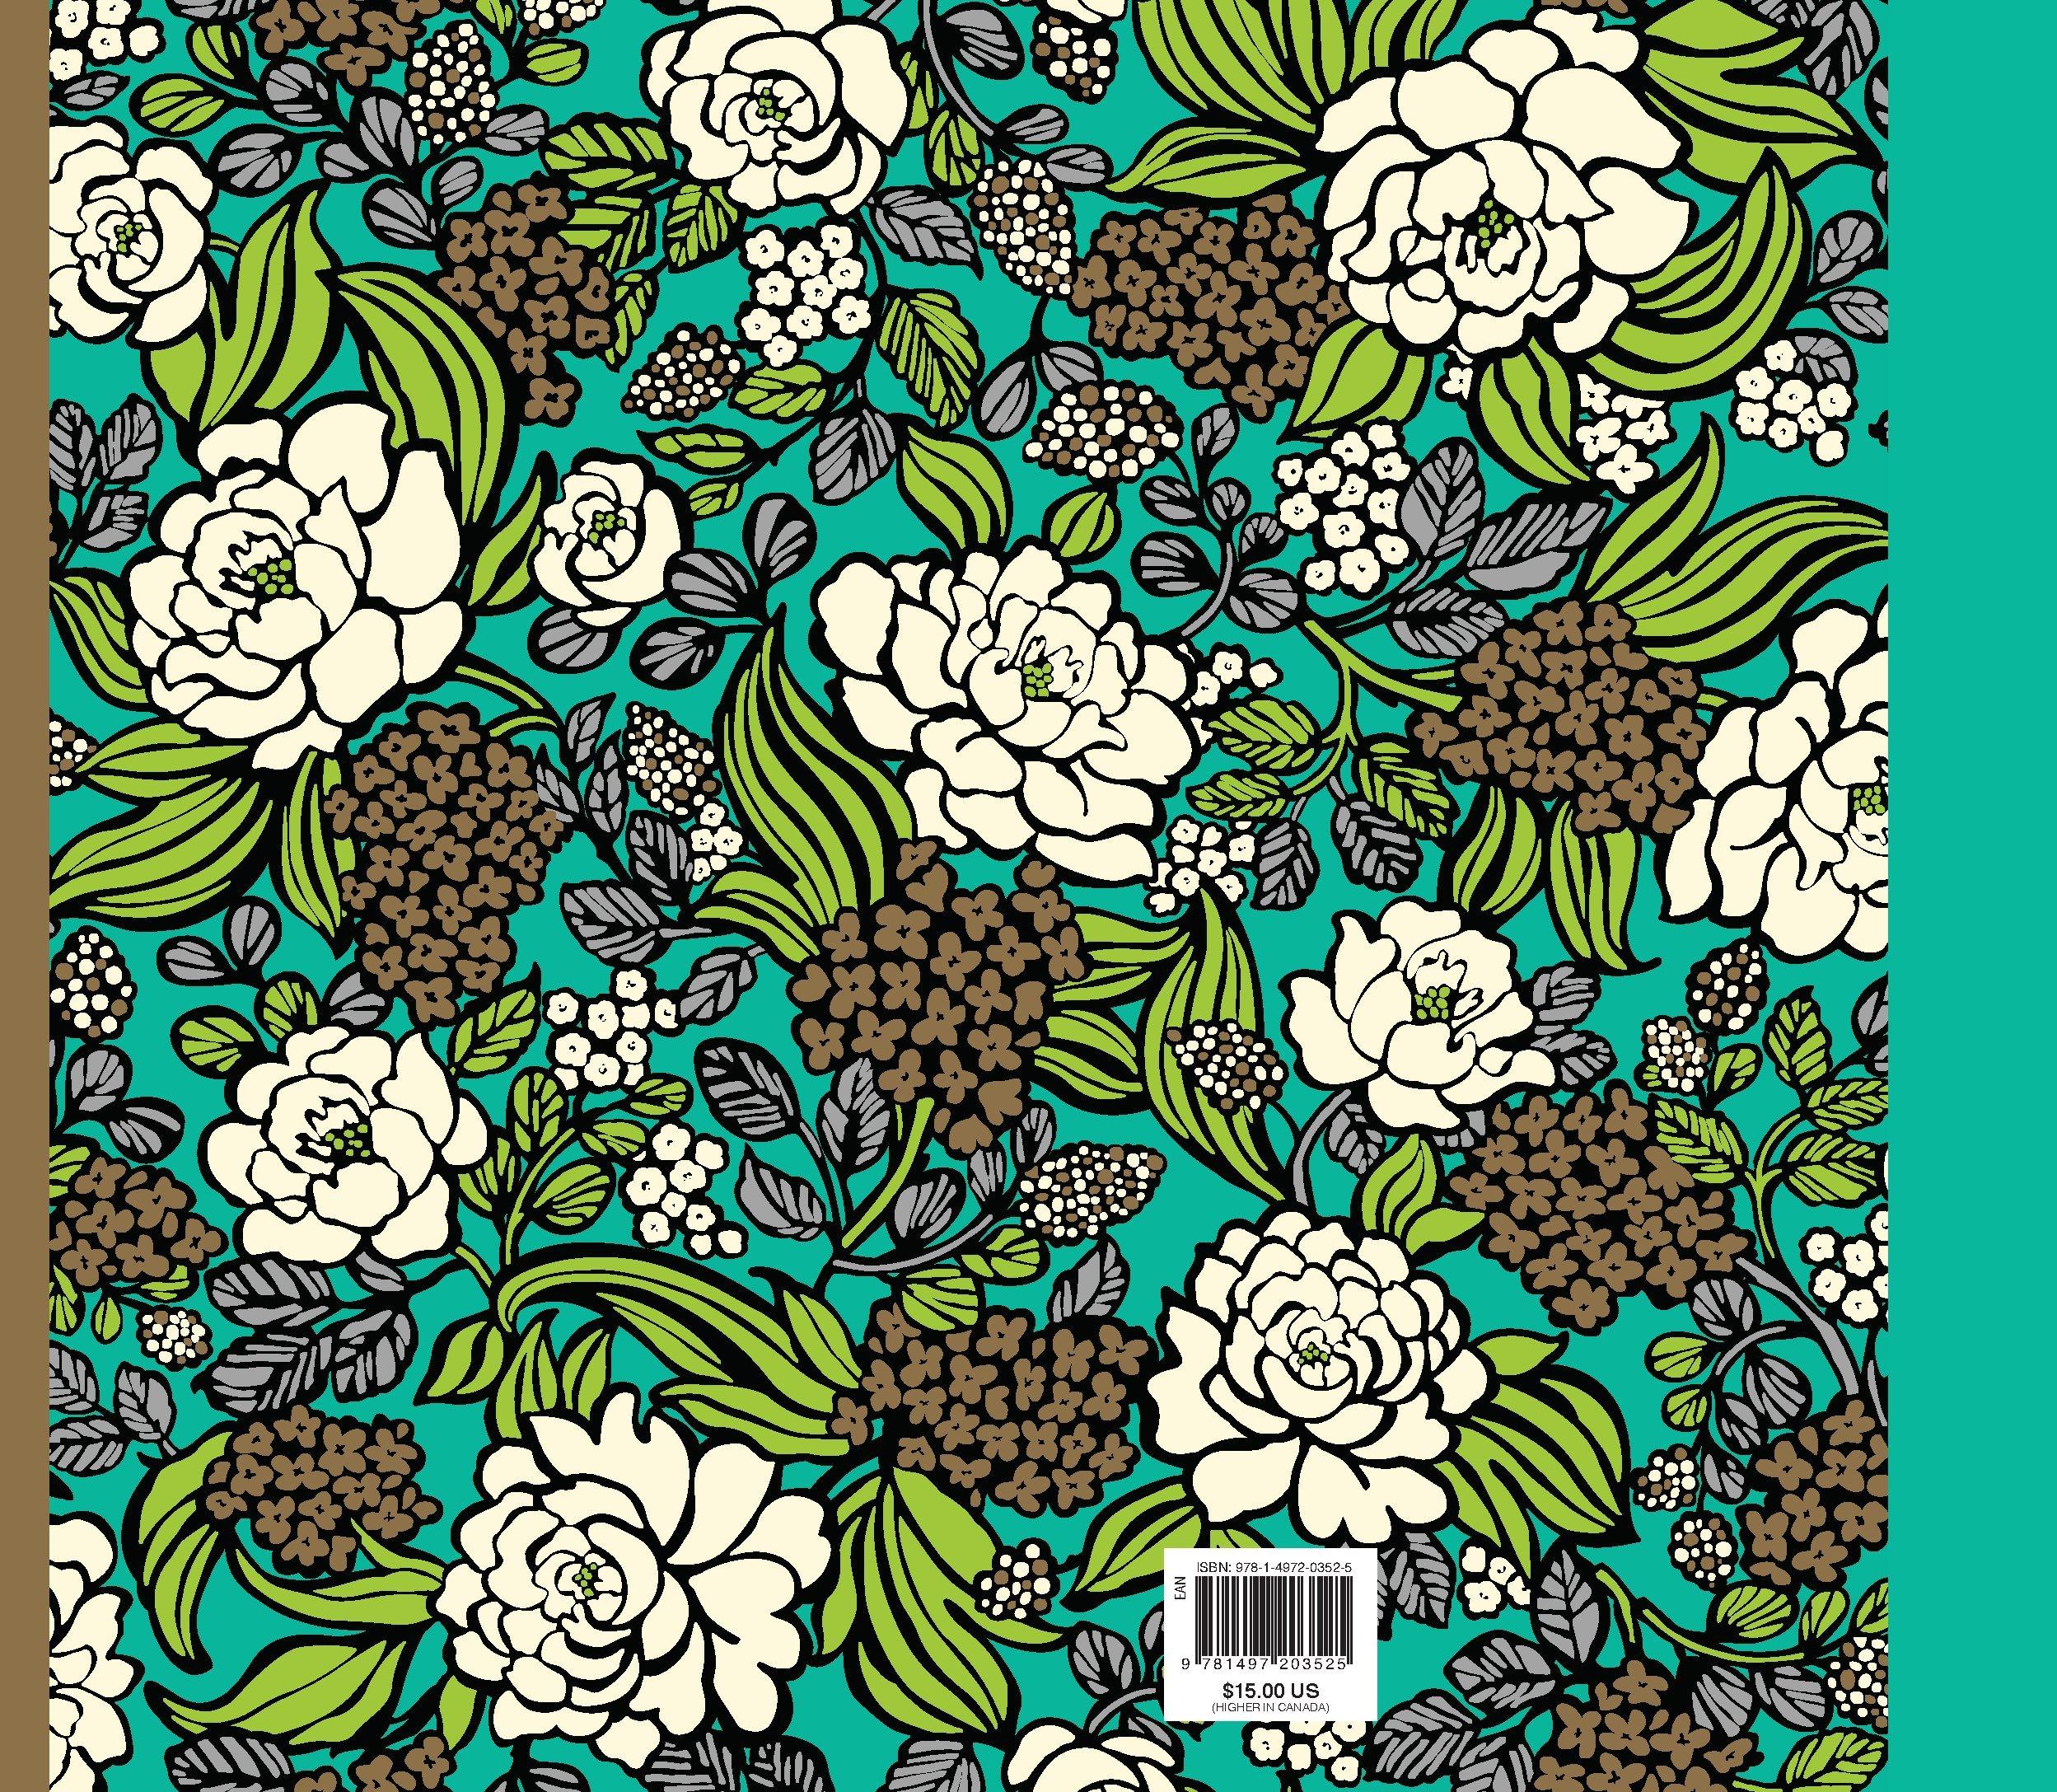 Amazon.com: Vera Bradley Seize the Day Coloring Book Pattern ...